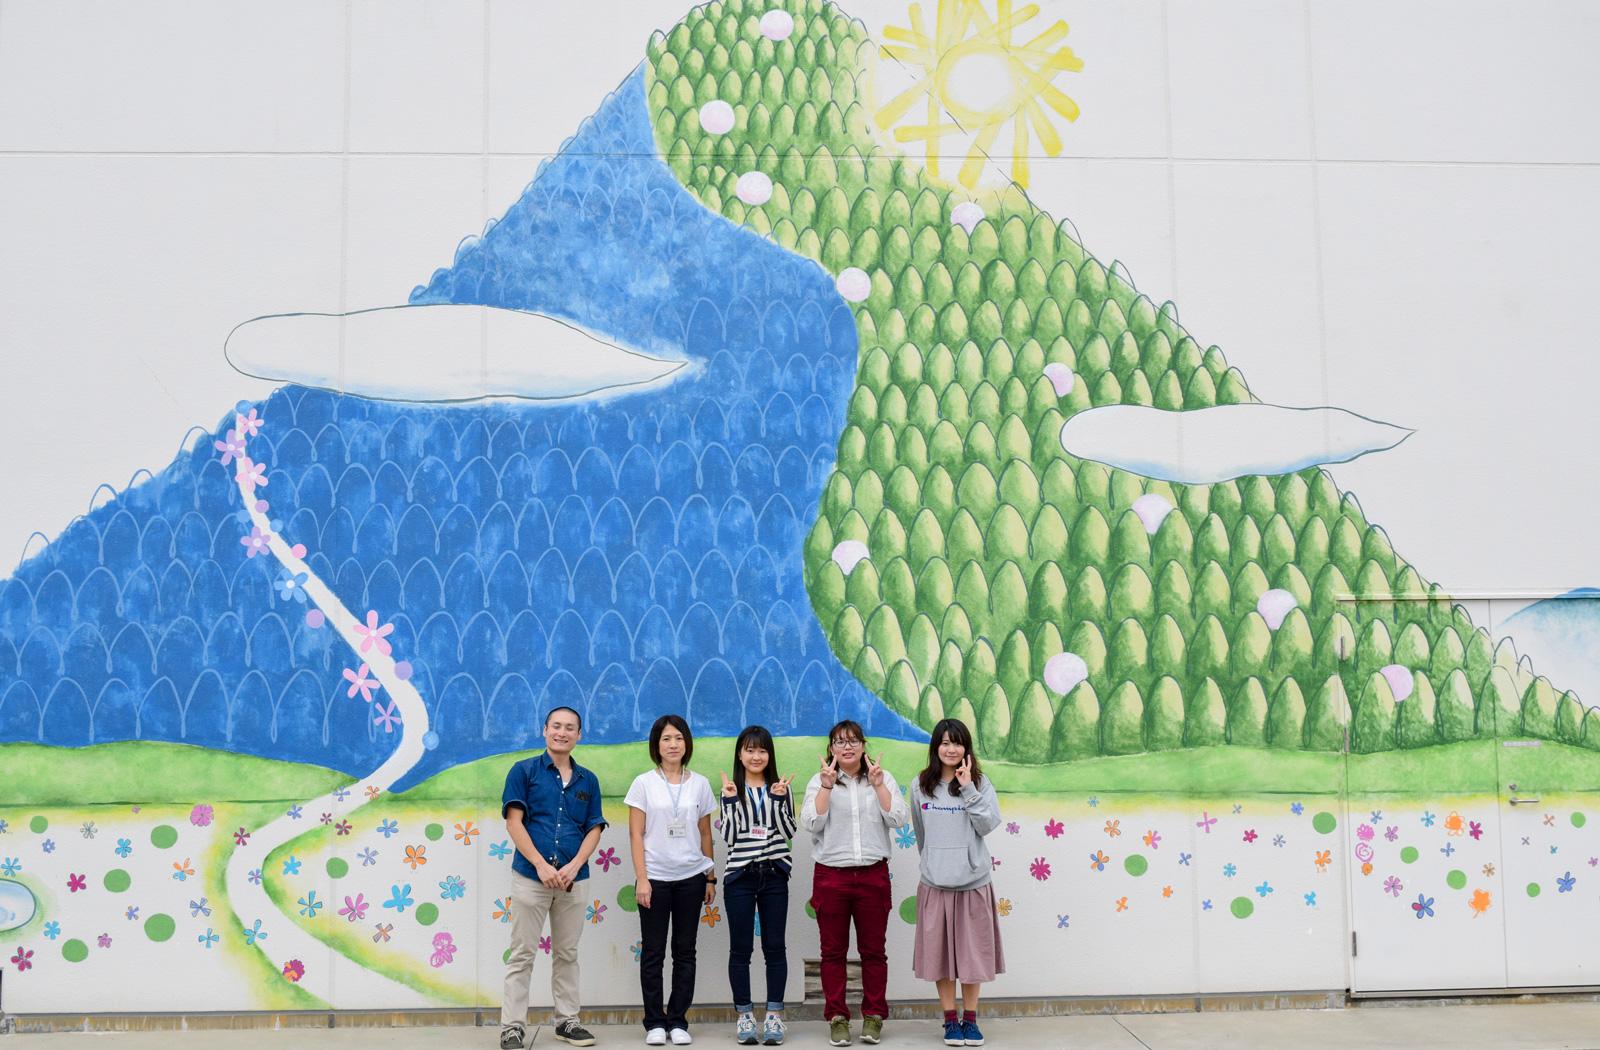 ホスピタルアート 四国こどもとおとなの医療センター 壁画「はなの和」